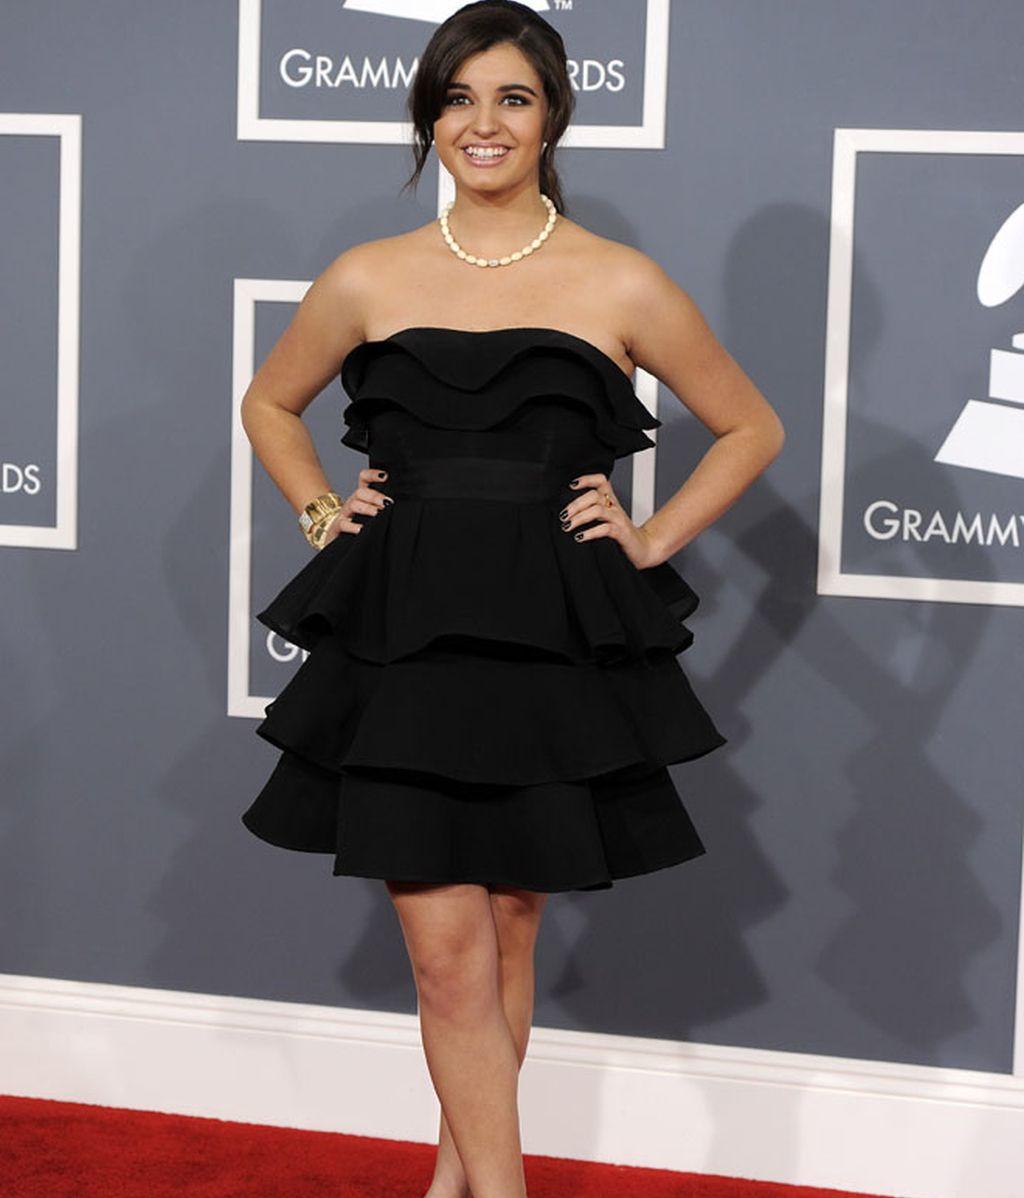 Rihanna y Katy Perry necesitan mejorar; Adele impecable